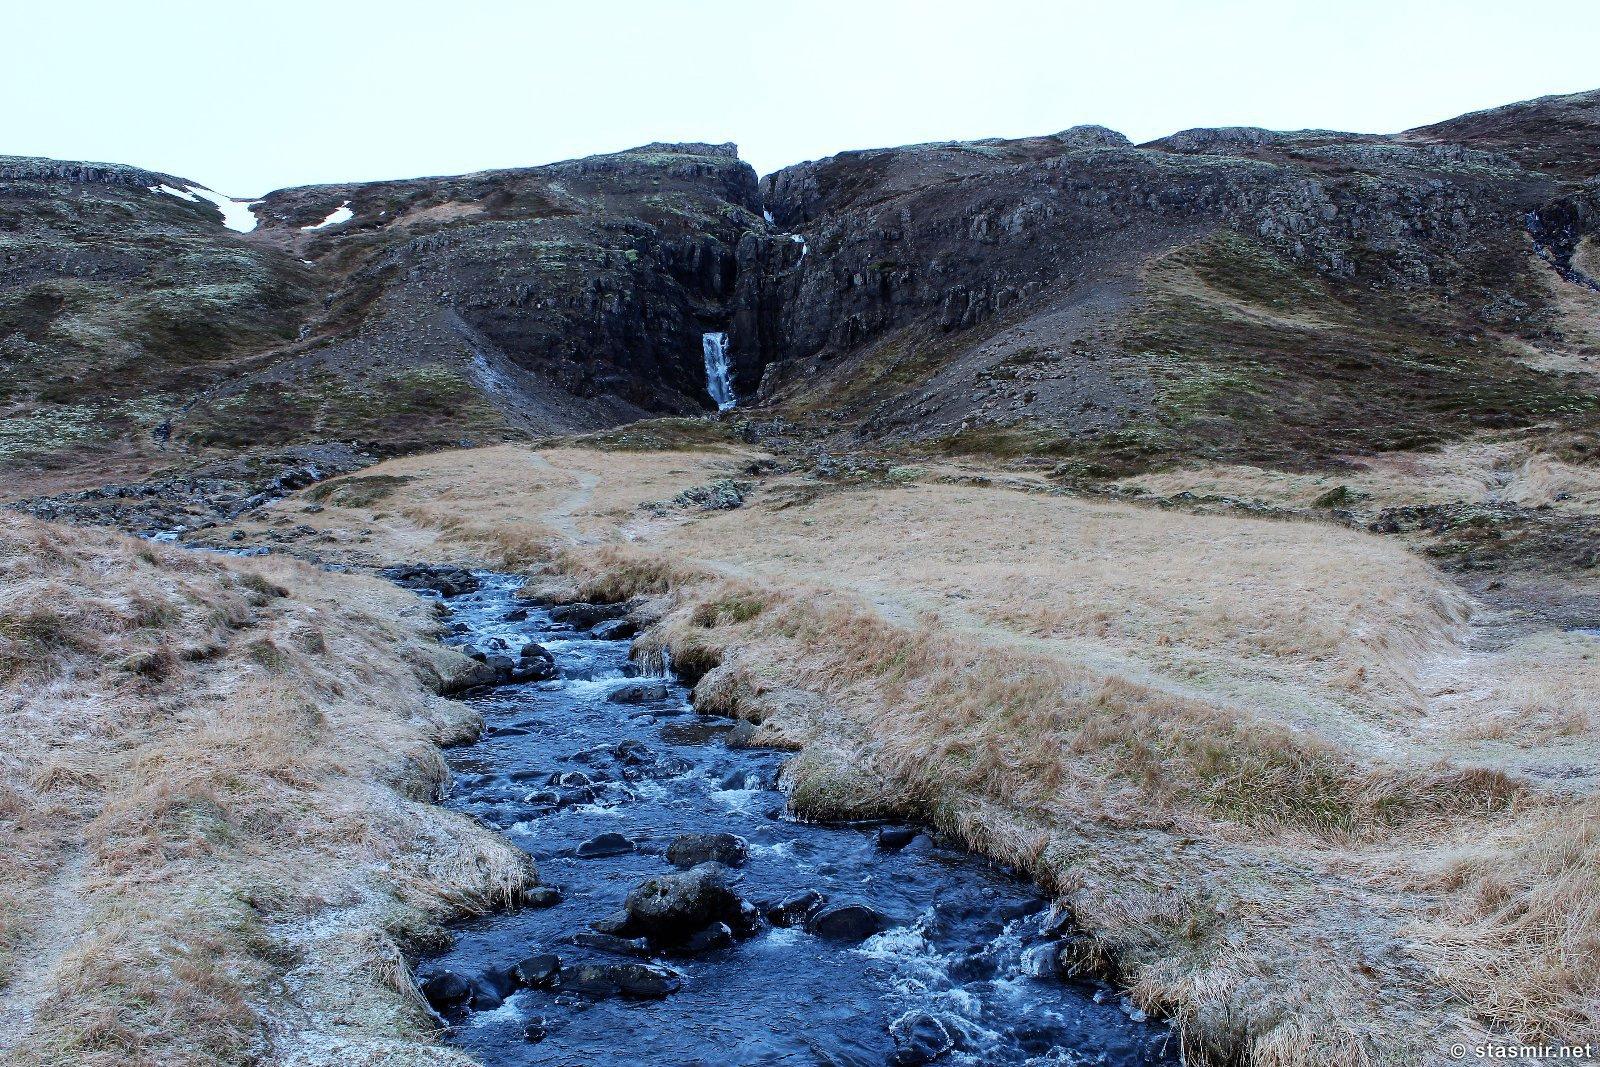 водопад рядом с минеральным источником rauðamelsölkelda, фото Стасмир, photo Stasmir